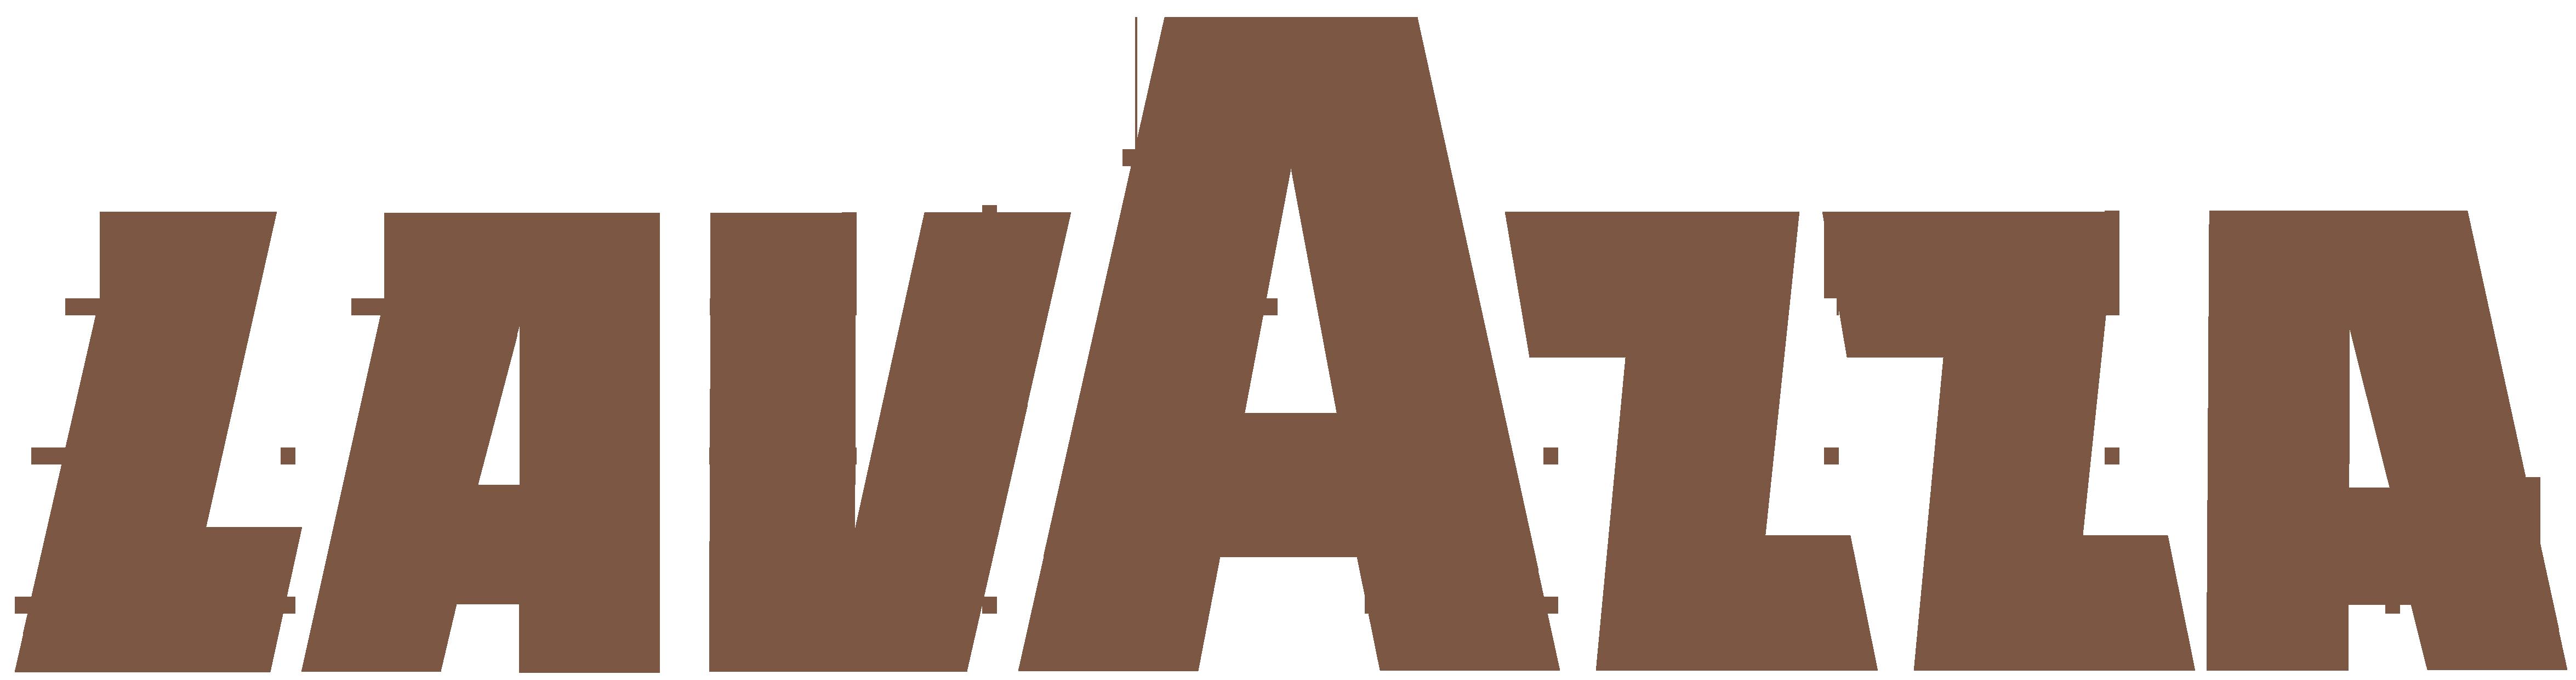 לוגו קפה Lavazza